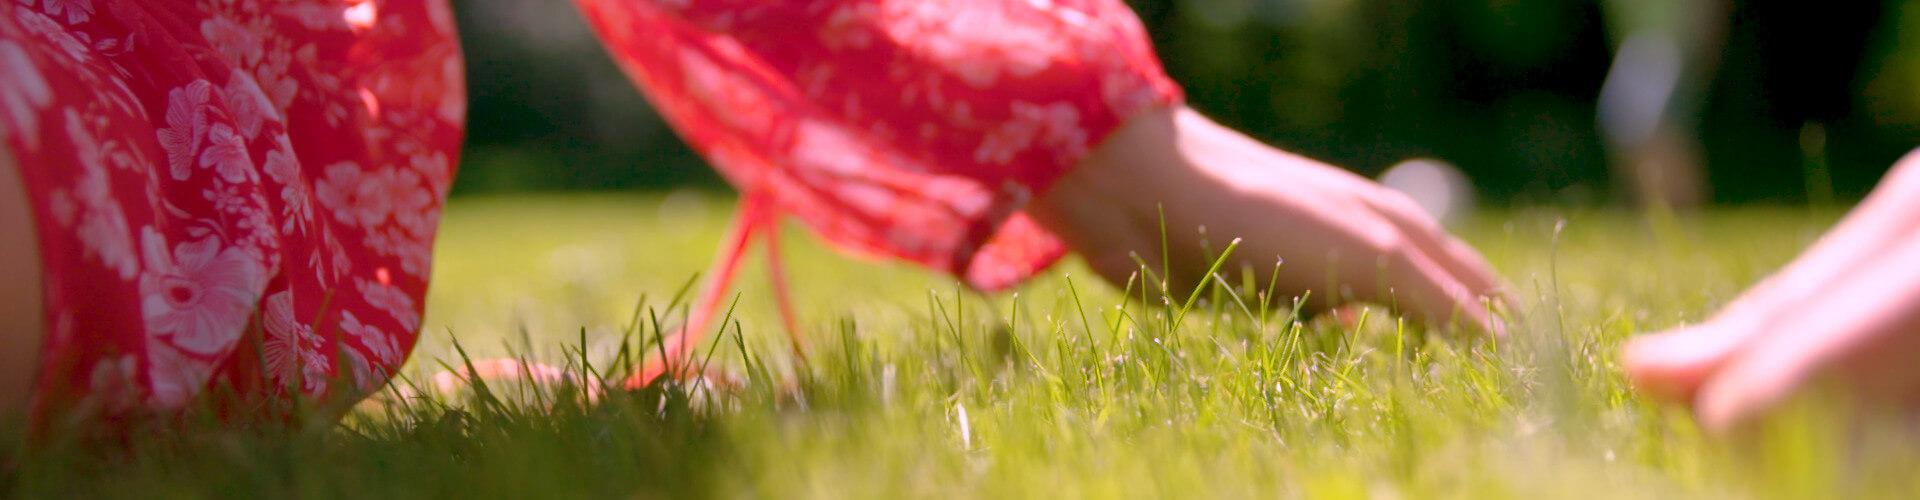 Pige iført rød kjole sidder på det grønne græs